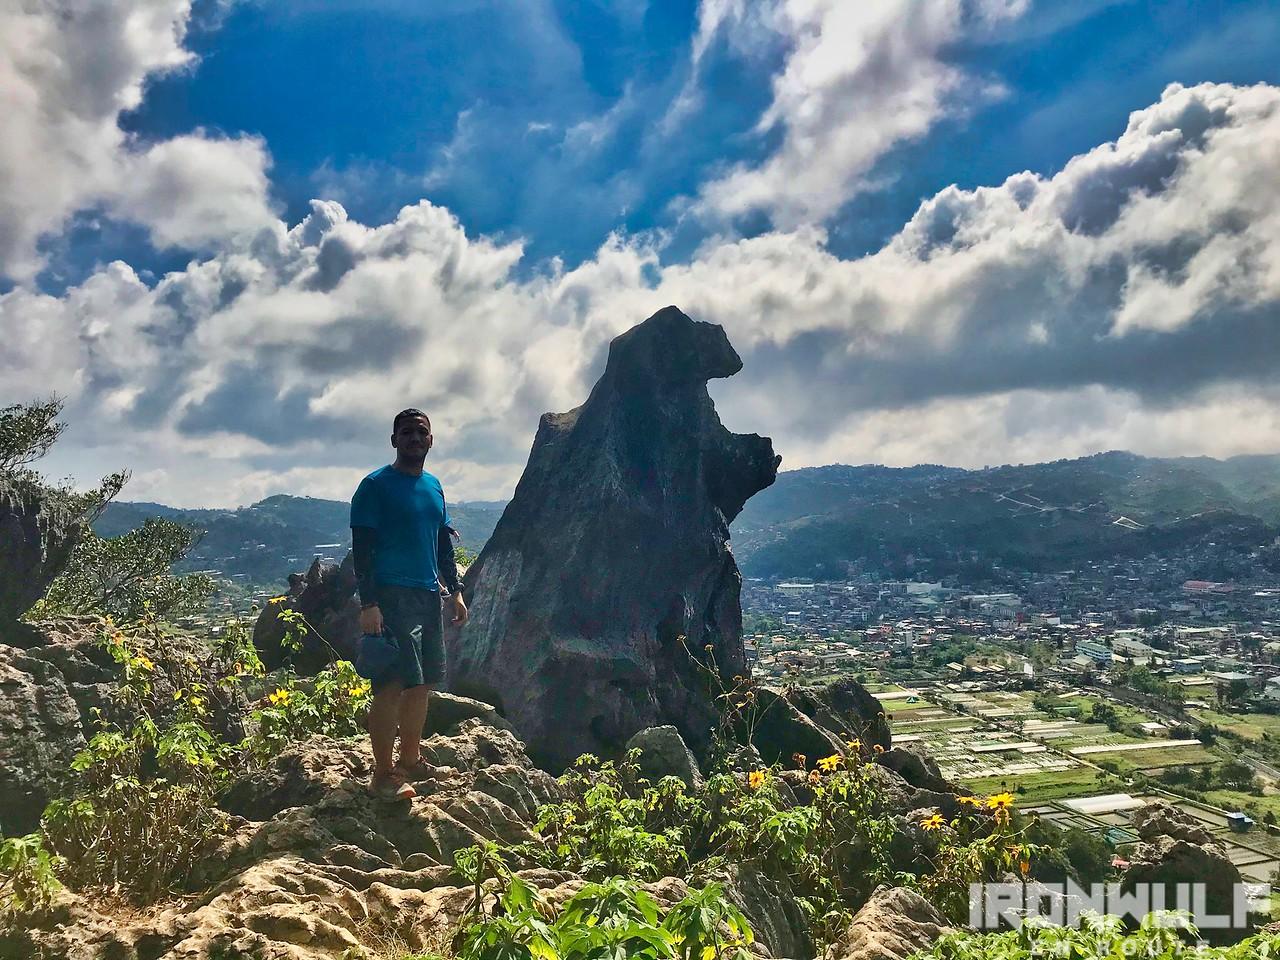 The Lion's rock